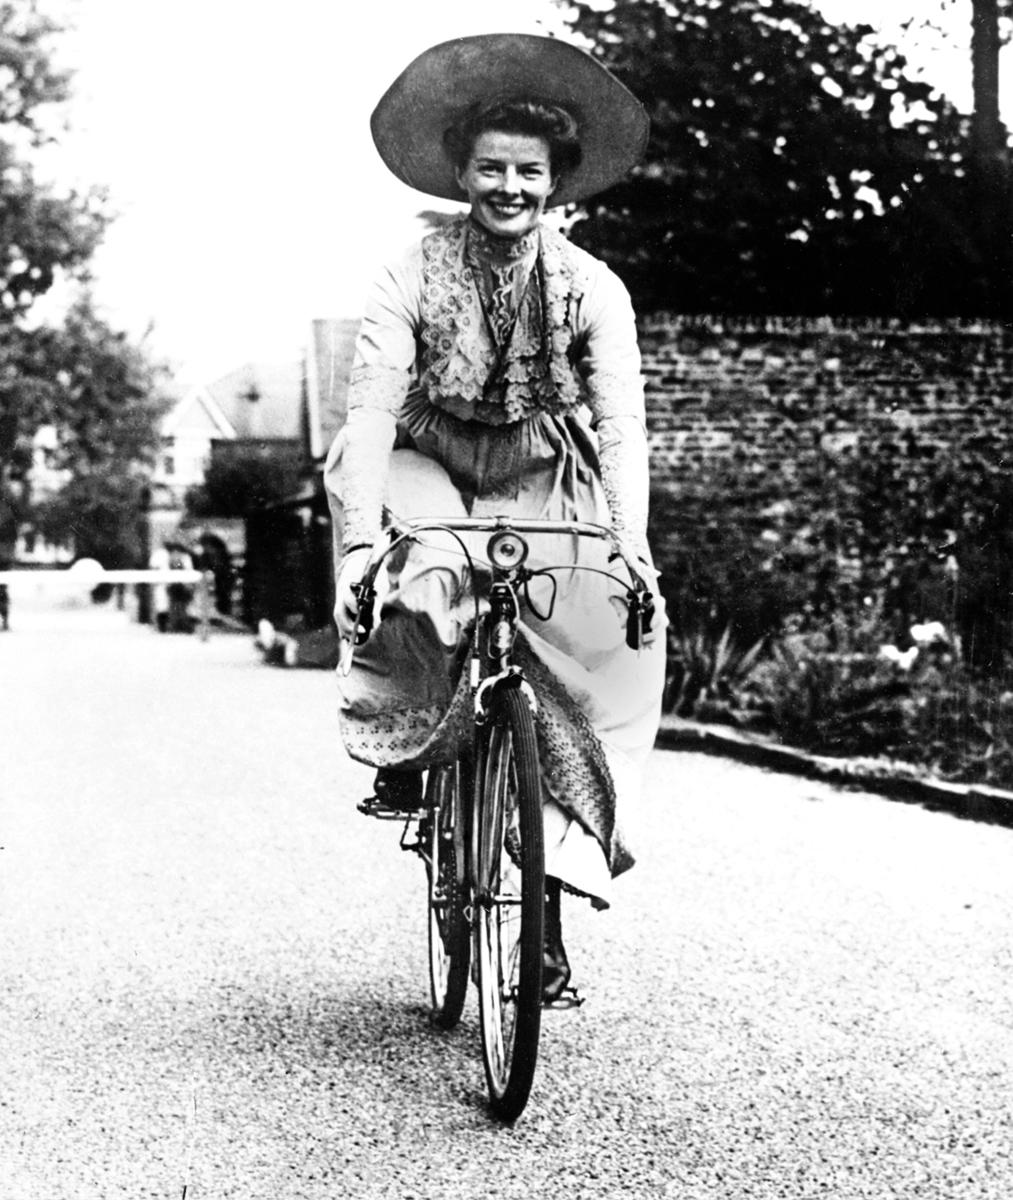 私底下的嘉芙蓮協賓喜愛運動和騎車,圖為騎著單車的嘉芙蓮。